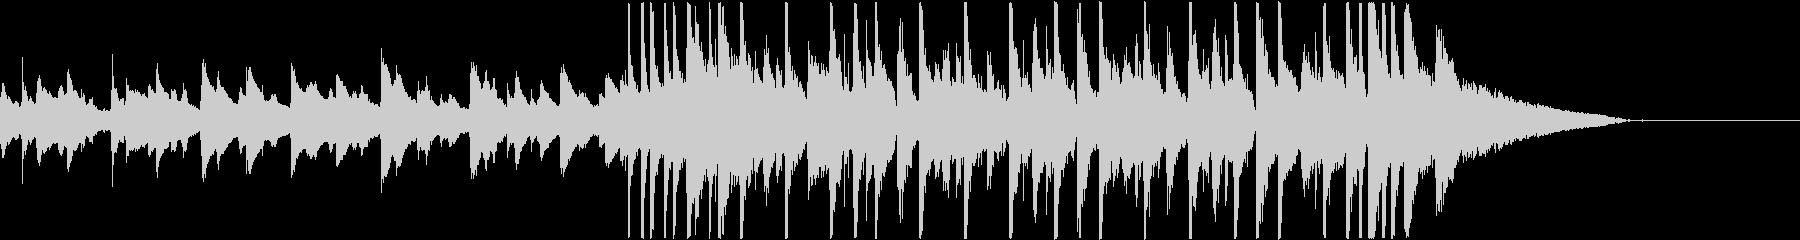 ウクレレを使用した日常的で可愛い曲です。の未再生の波形